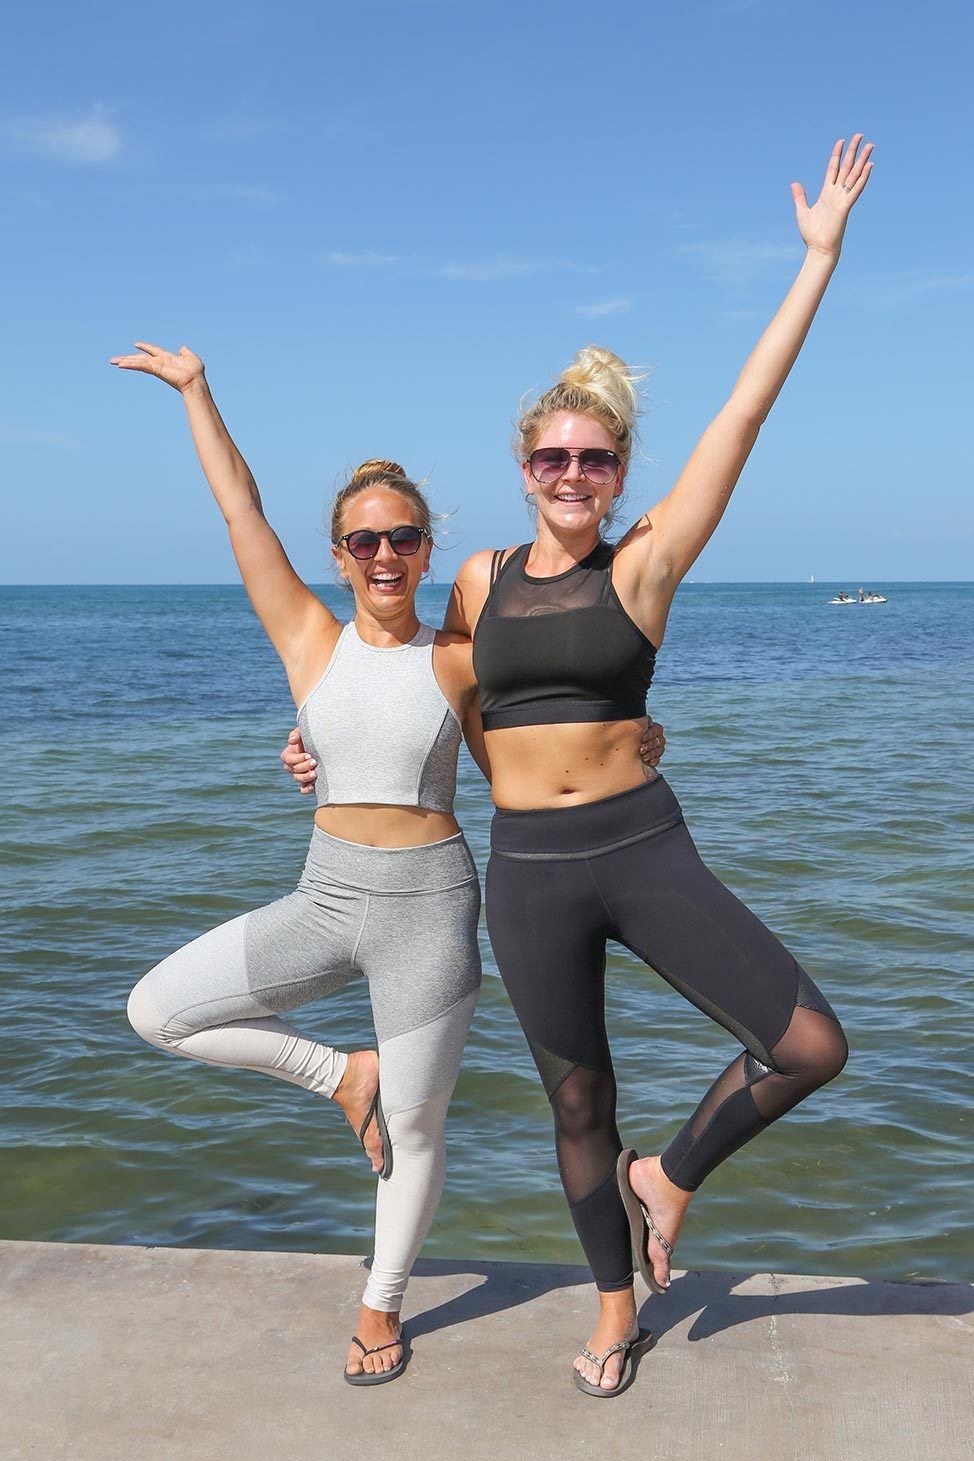 Yoga in Key West